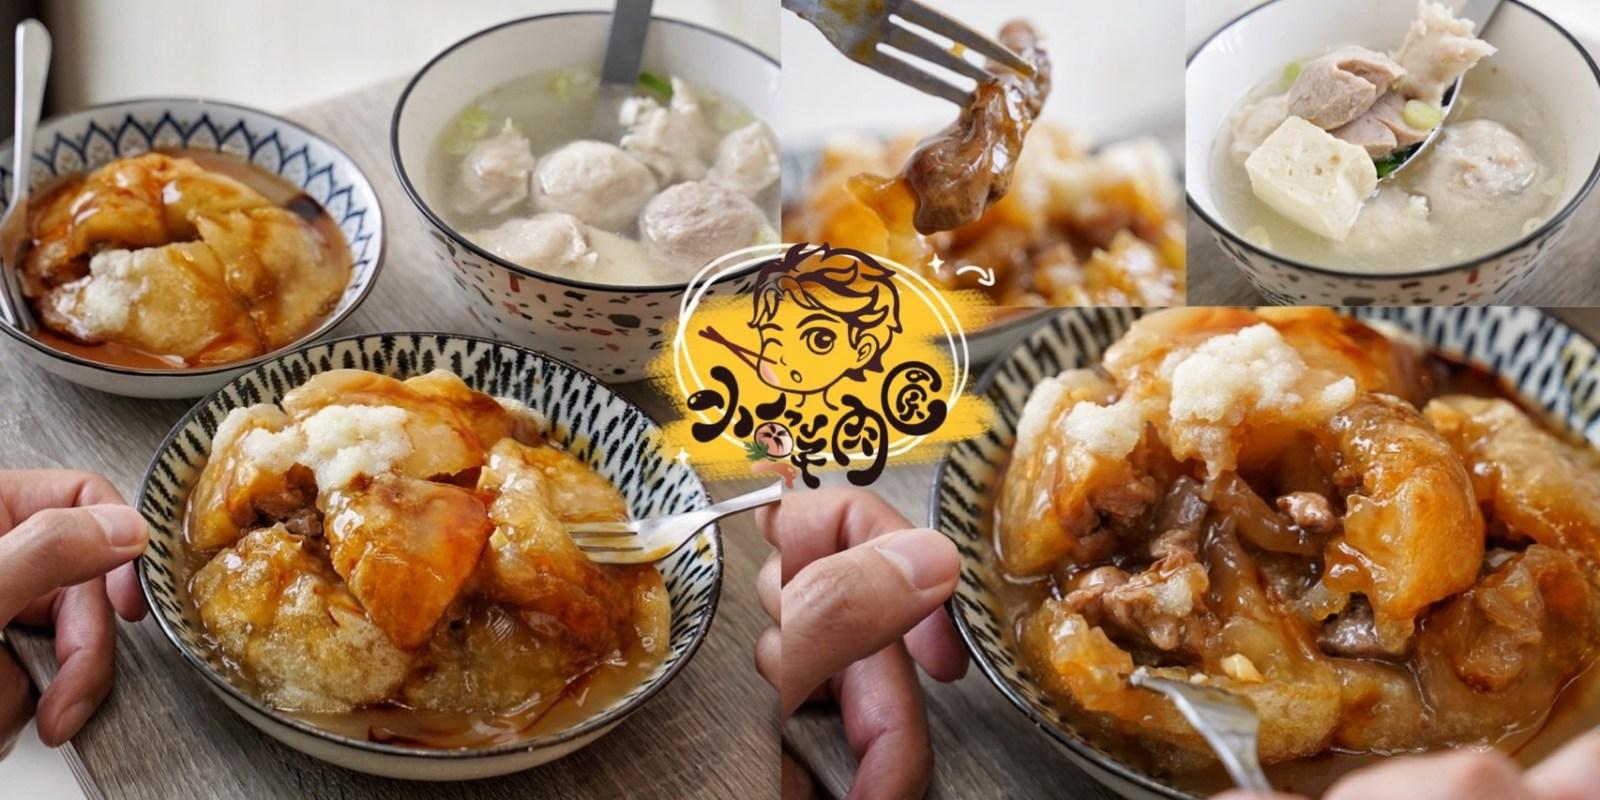 傳承60年的老味道!『小鮮肉圓』使用的是斗六西市鄧肉圓,酥炸過的肉圓皮酥帶Q且肉餡又大塊,特調醬汁更是靈魂!